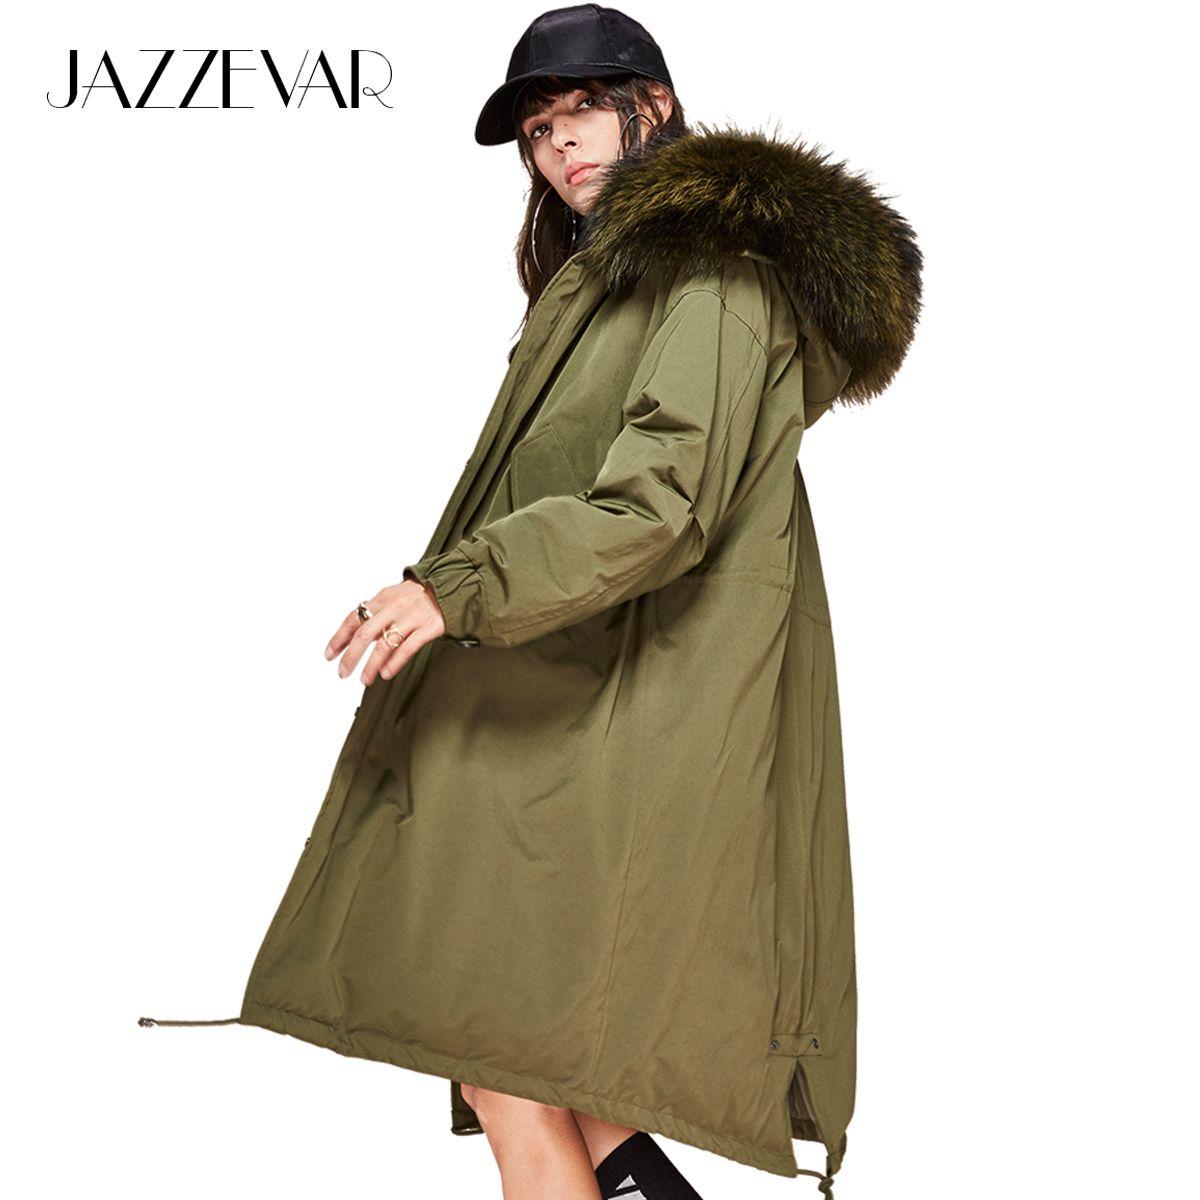 Acquista 2019 JAZZEVAR New Fashion 2018 Inverno Piumino Donna In Piuma D oca  Bianca 90% Oversize Lungo Cappotto Lungo Grande Vera Pelliccia Di Procione  Con ... 2968132f427